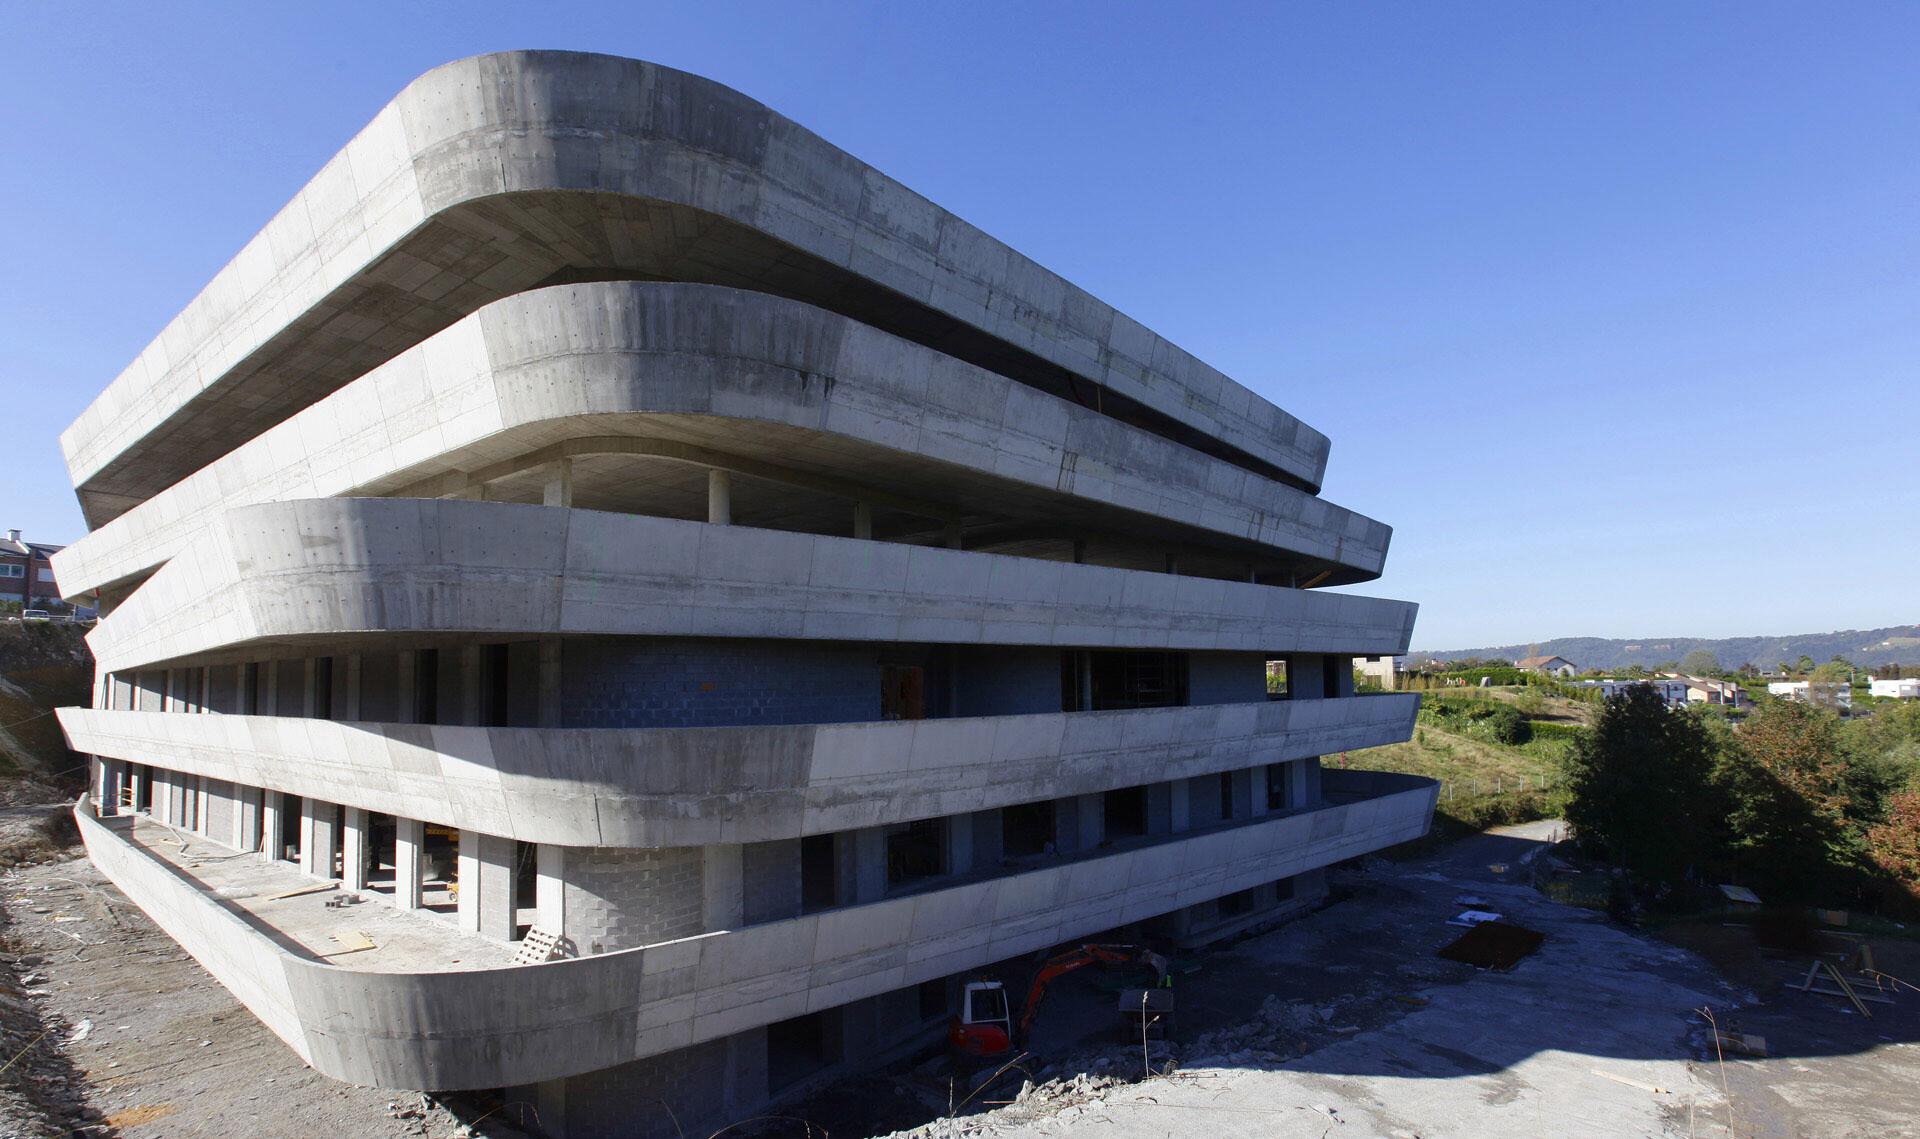 Basque culinary Centre